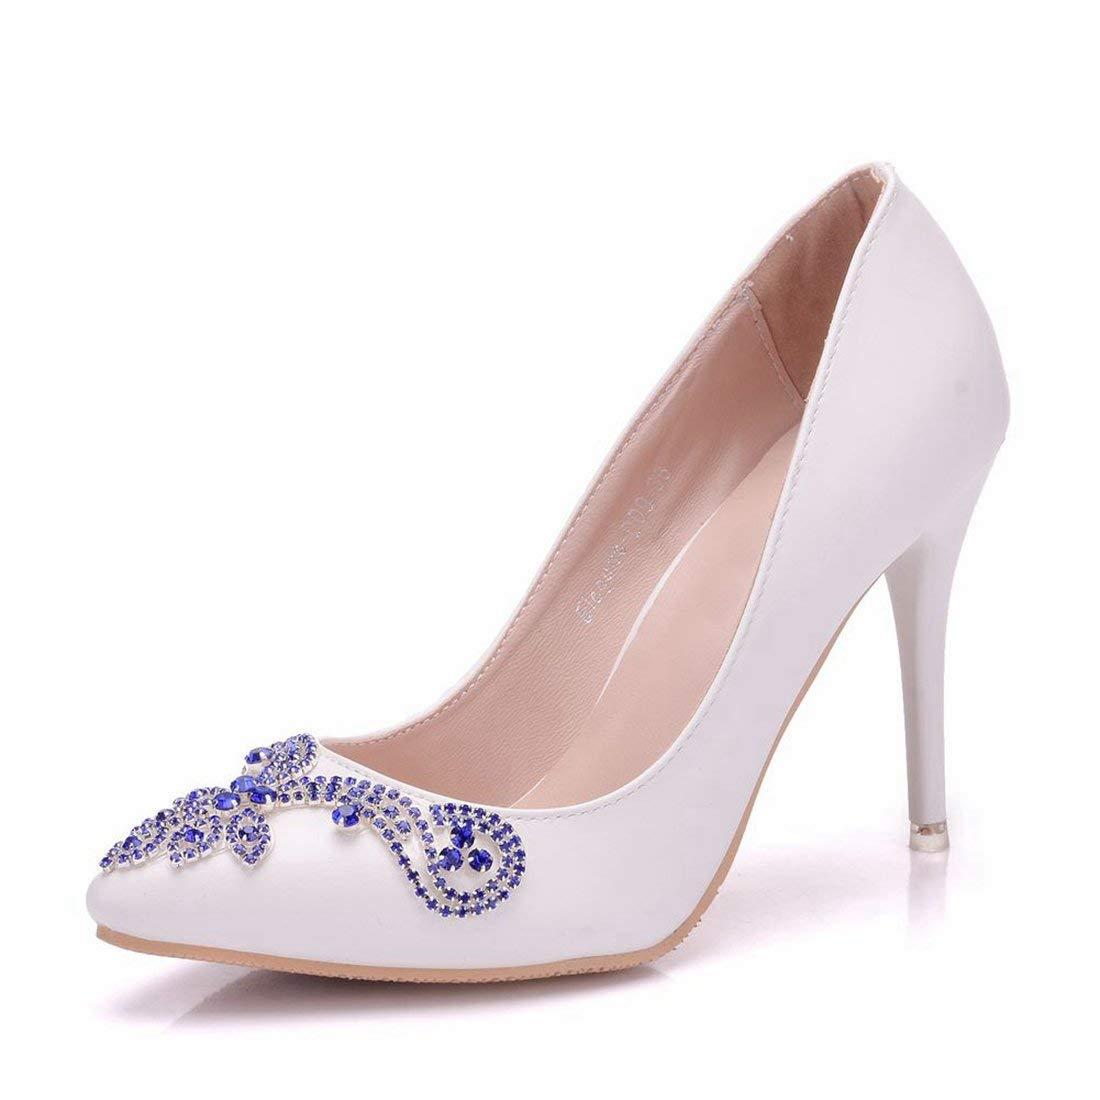 Qiusa Frauen Slim Applique Elfenbein Elfenbein Elfenbein Satin Hochzeit Besondere Anlässe High Heel Pumps UK 7 (Farbe   -, Größe   -) eb1e4f